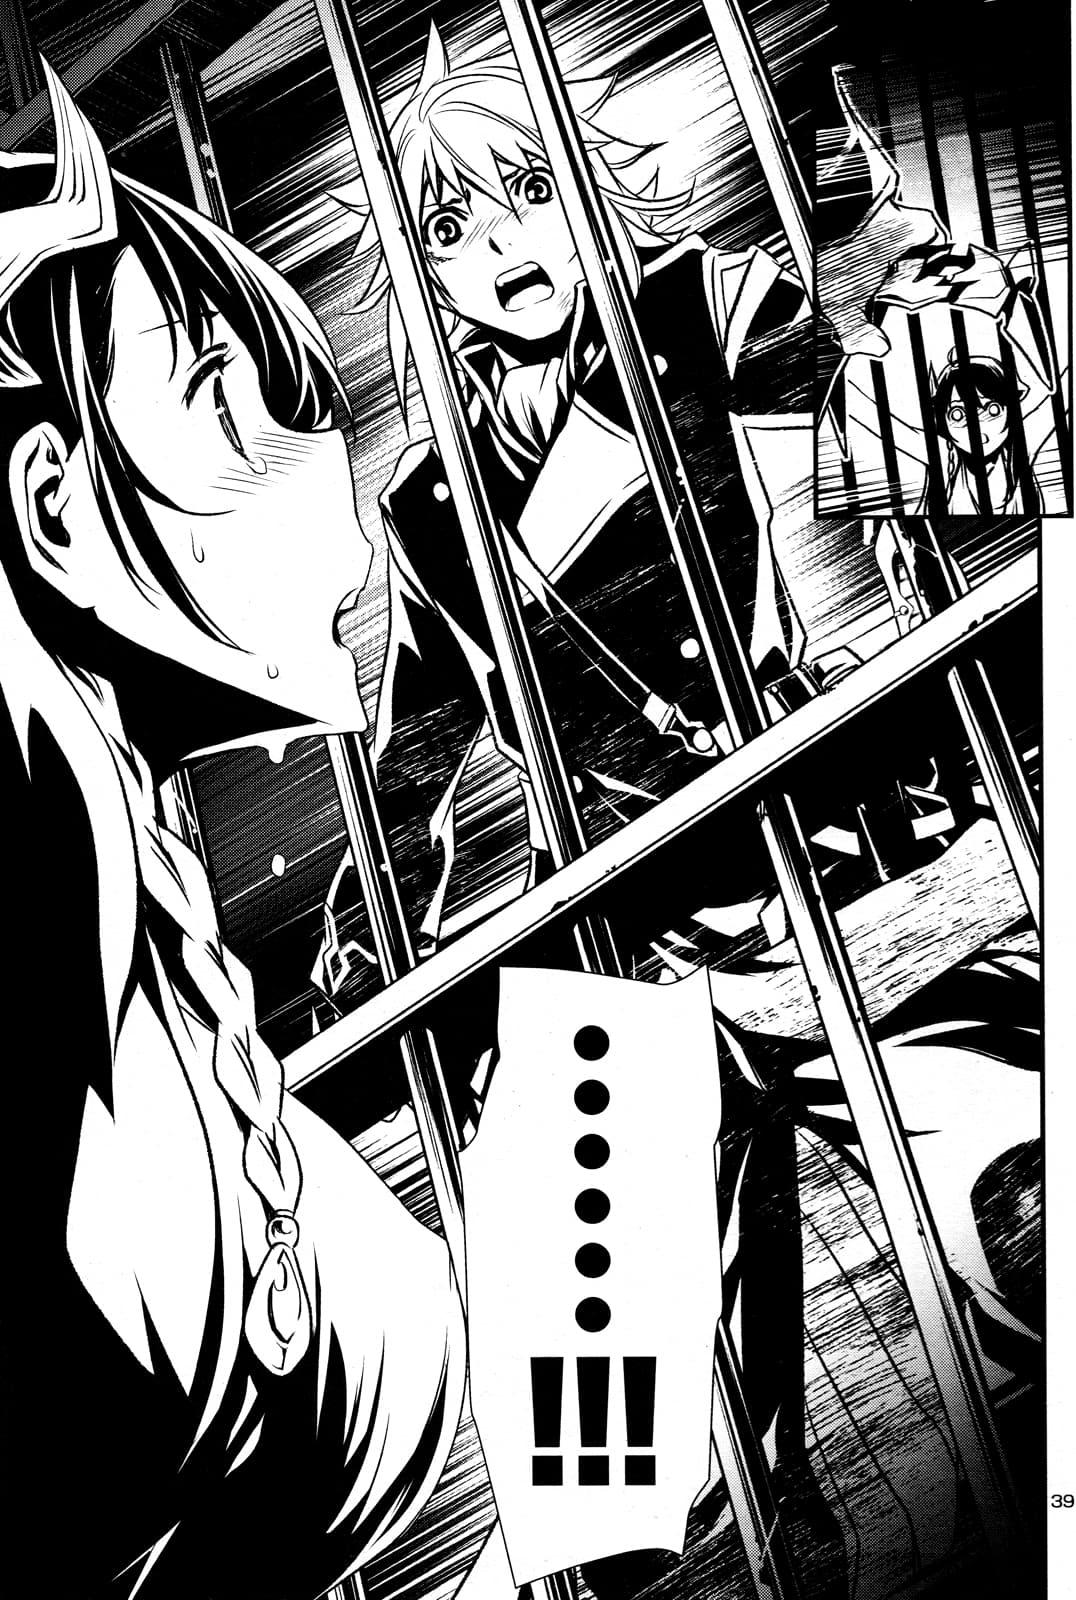 อ่านการ์ตูน Shinju no Nectar ตอนที่ 6 หน้าที่ 39